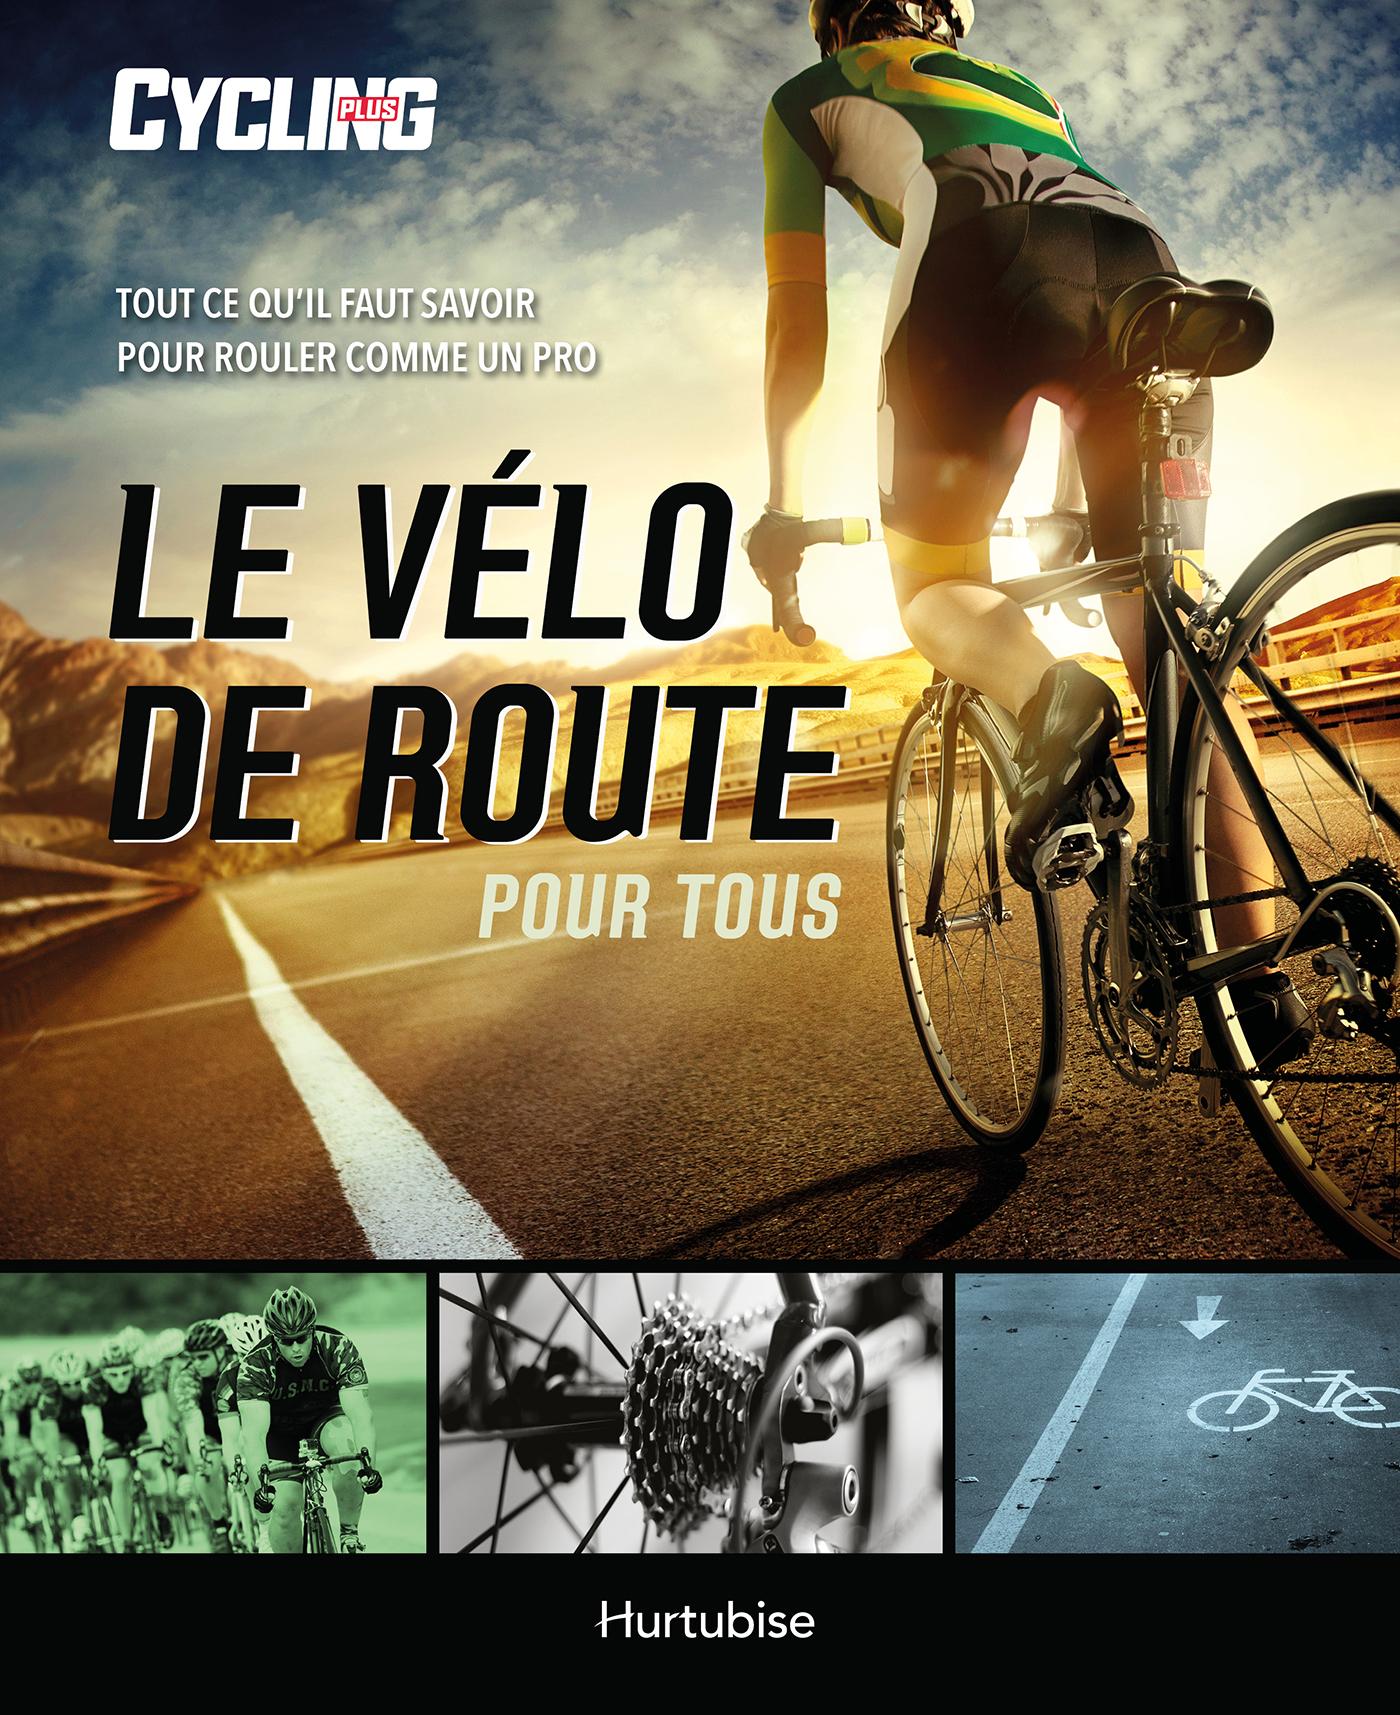 Le vélo de route pour tous